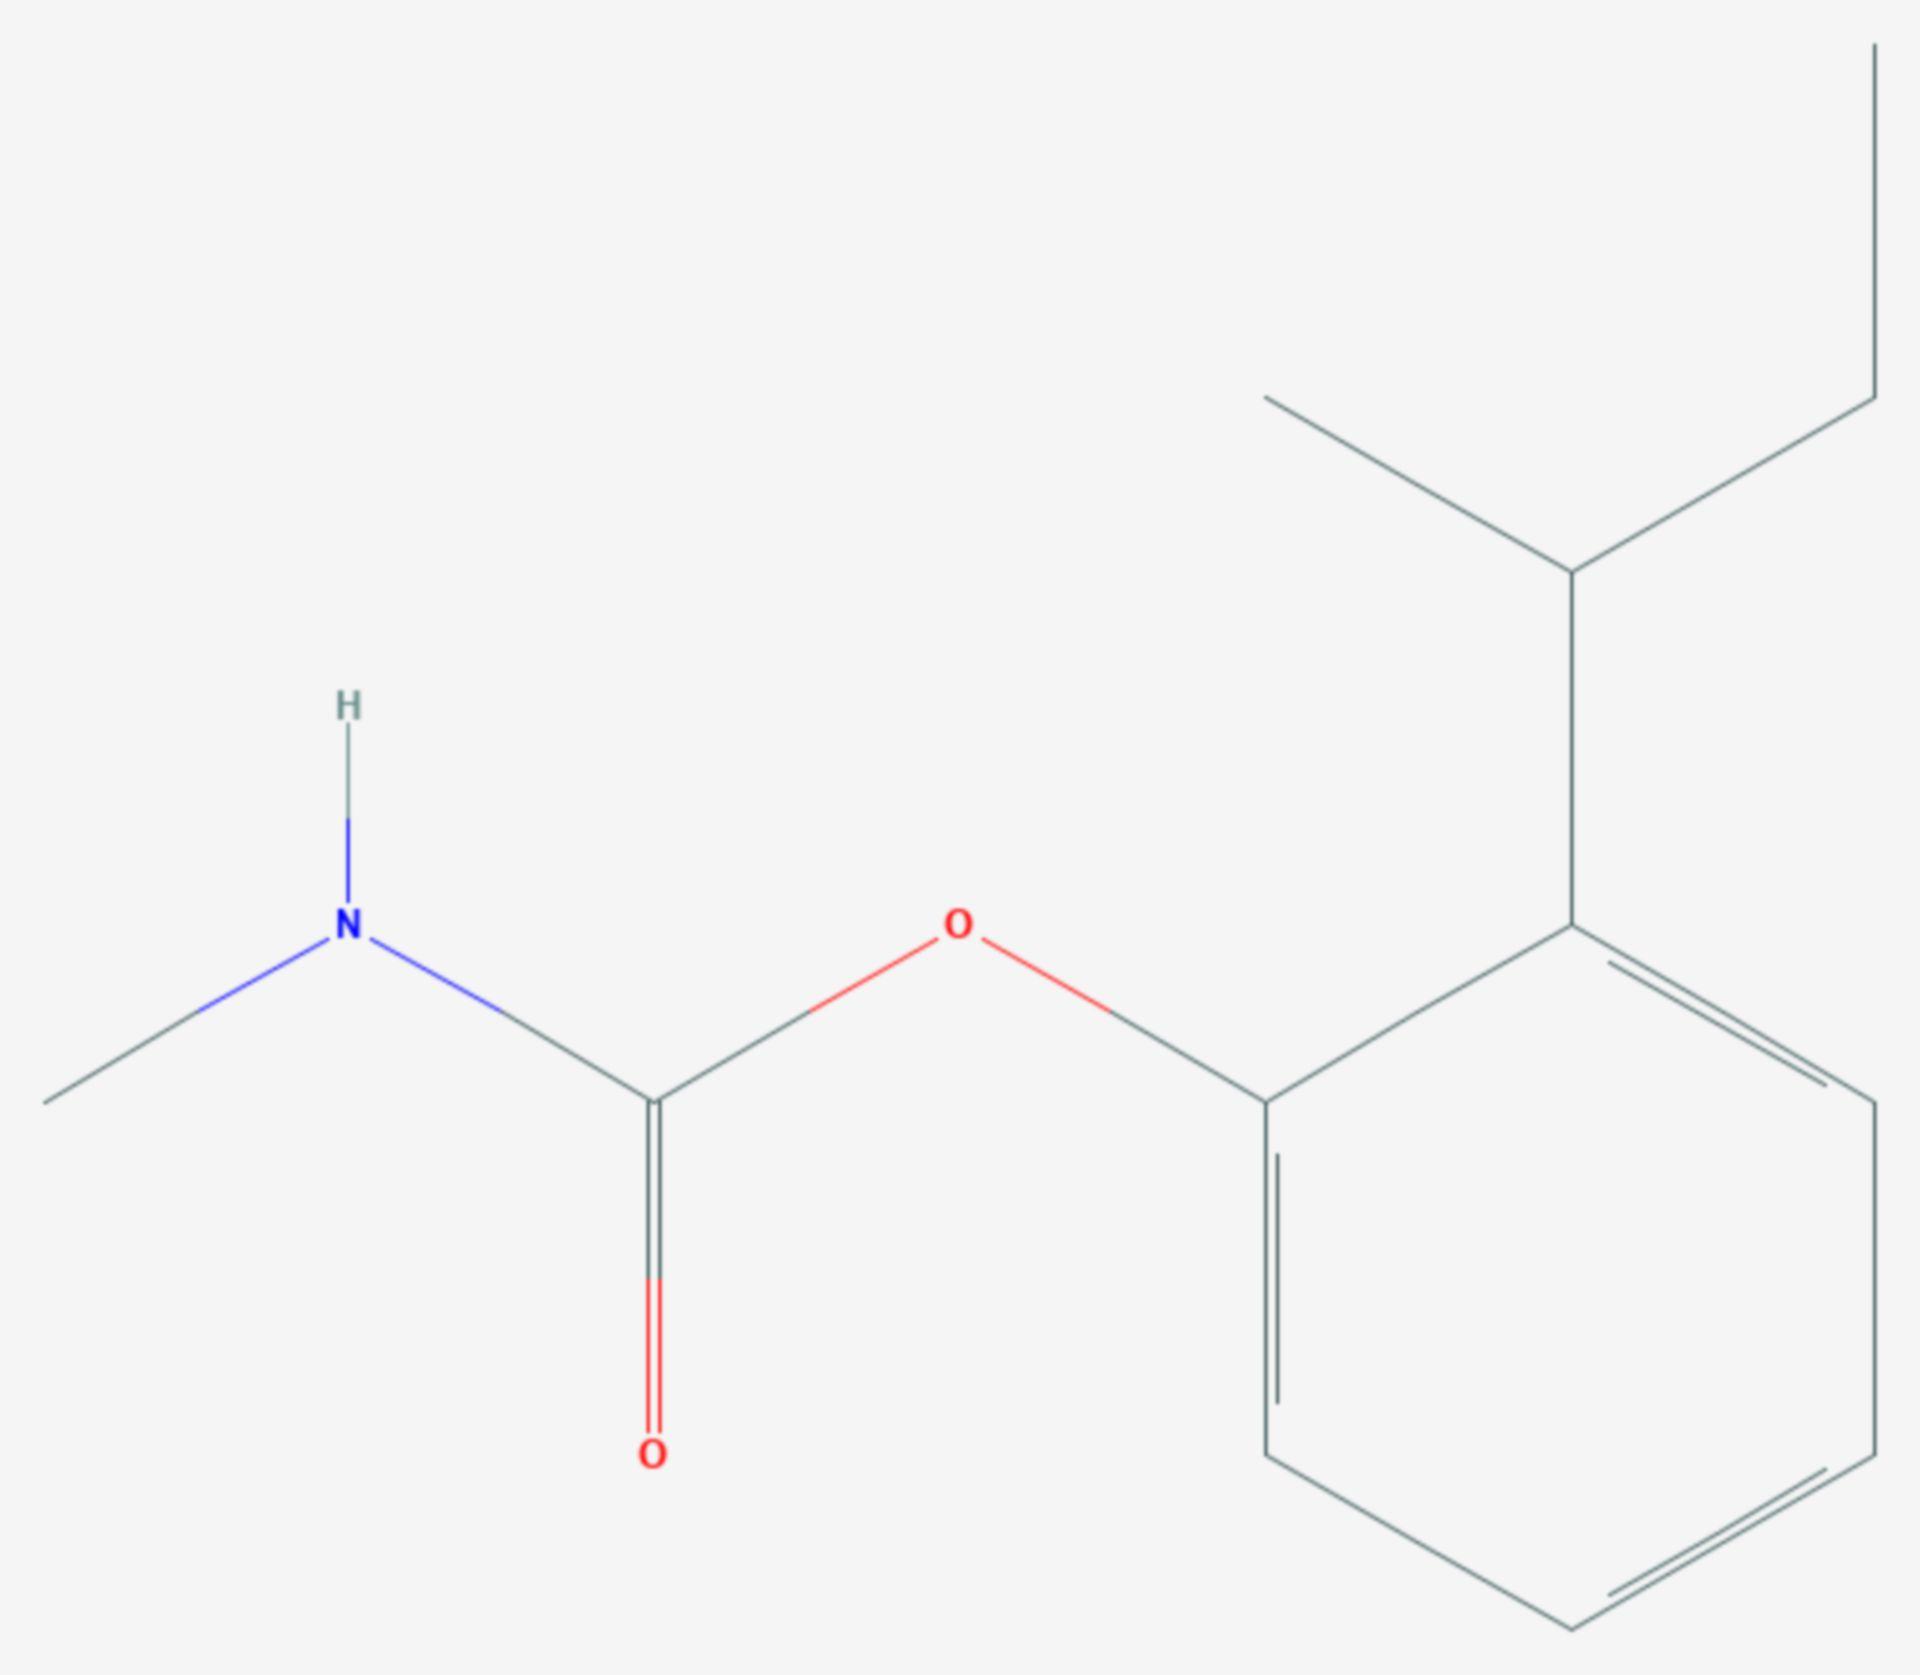 Fenobucarb (Strukturformel)